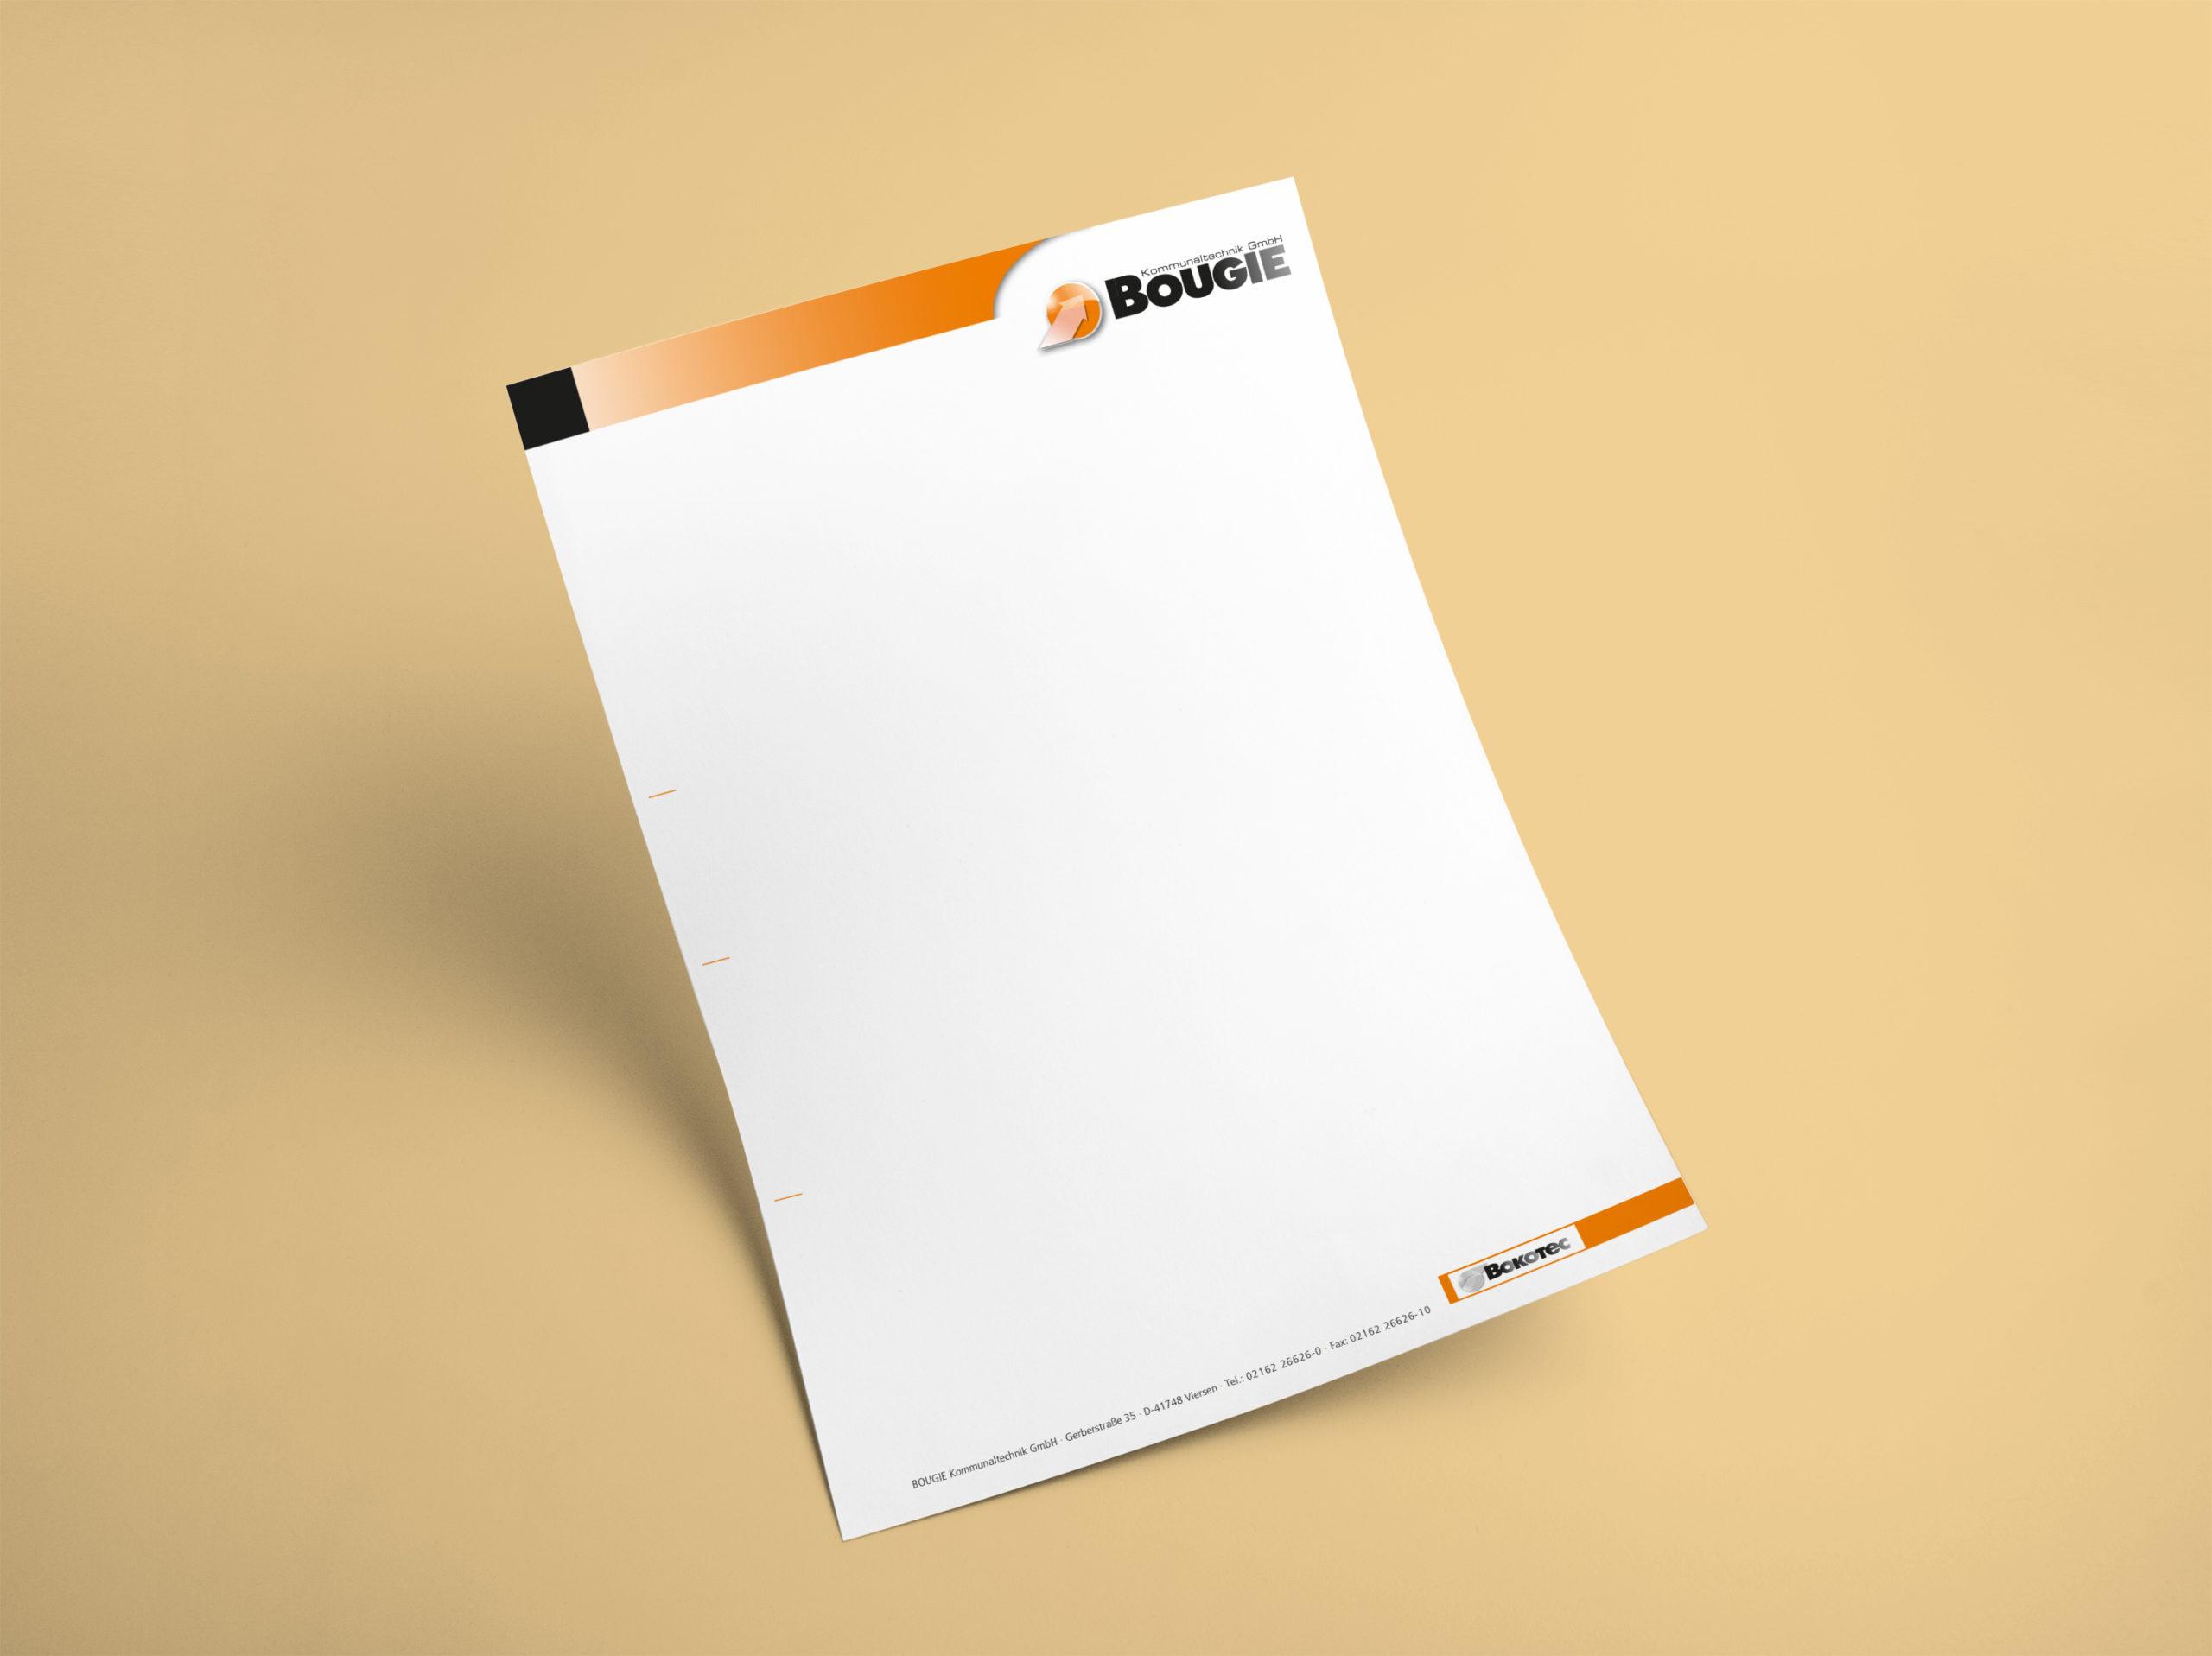 Briefbogen / Rechnungspapier